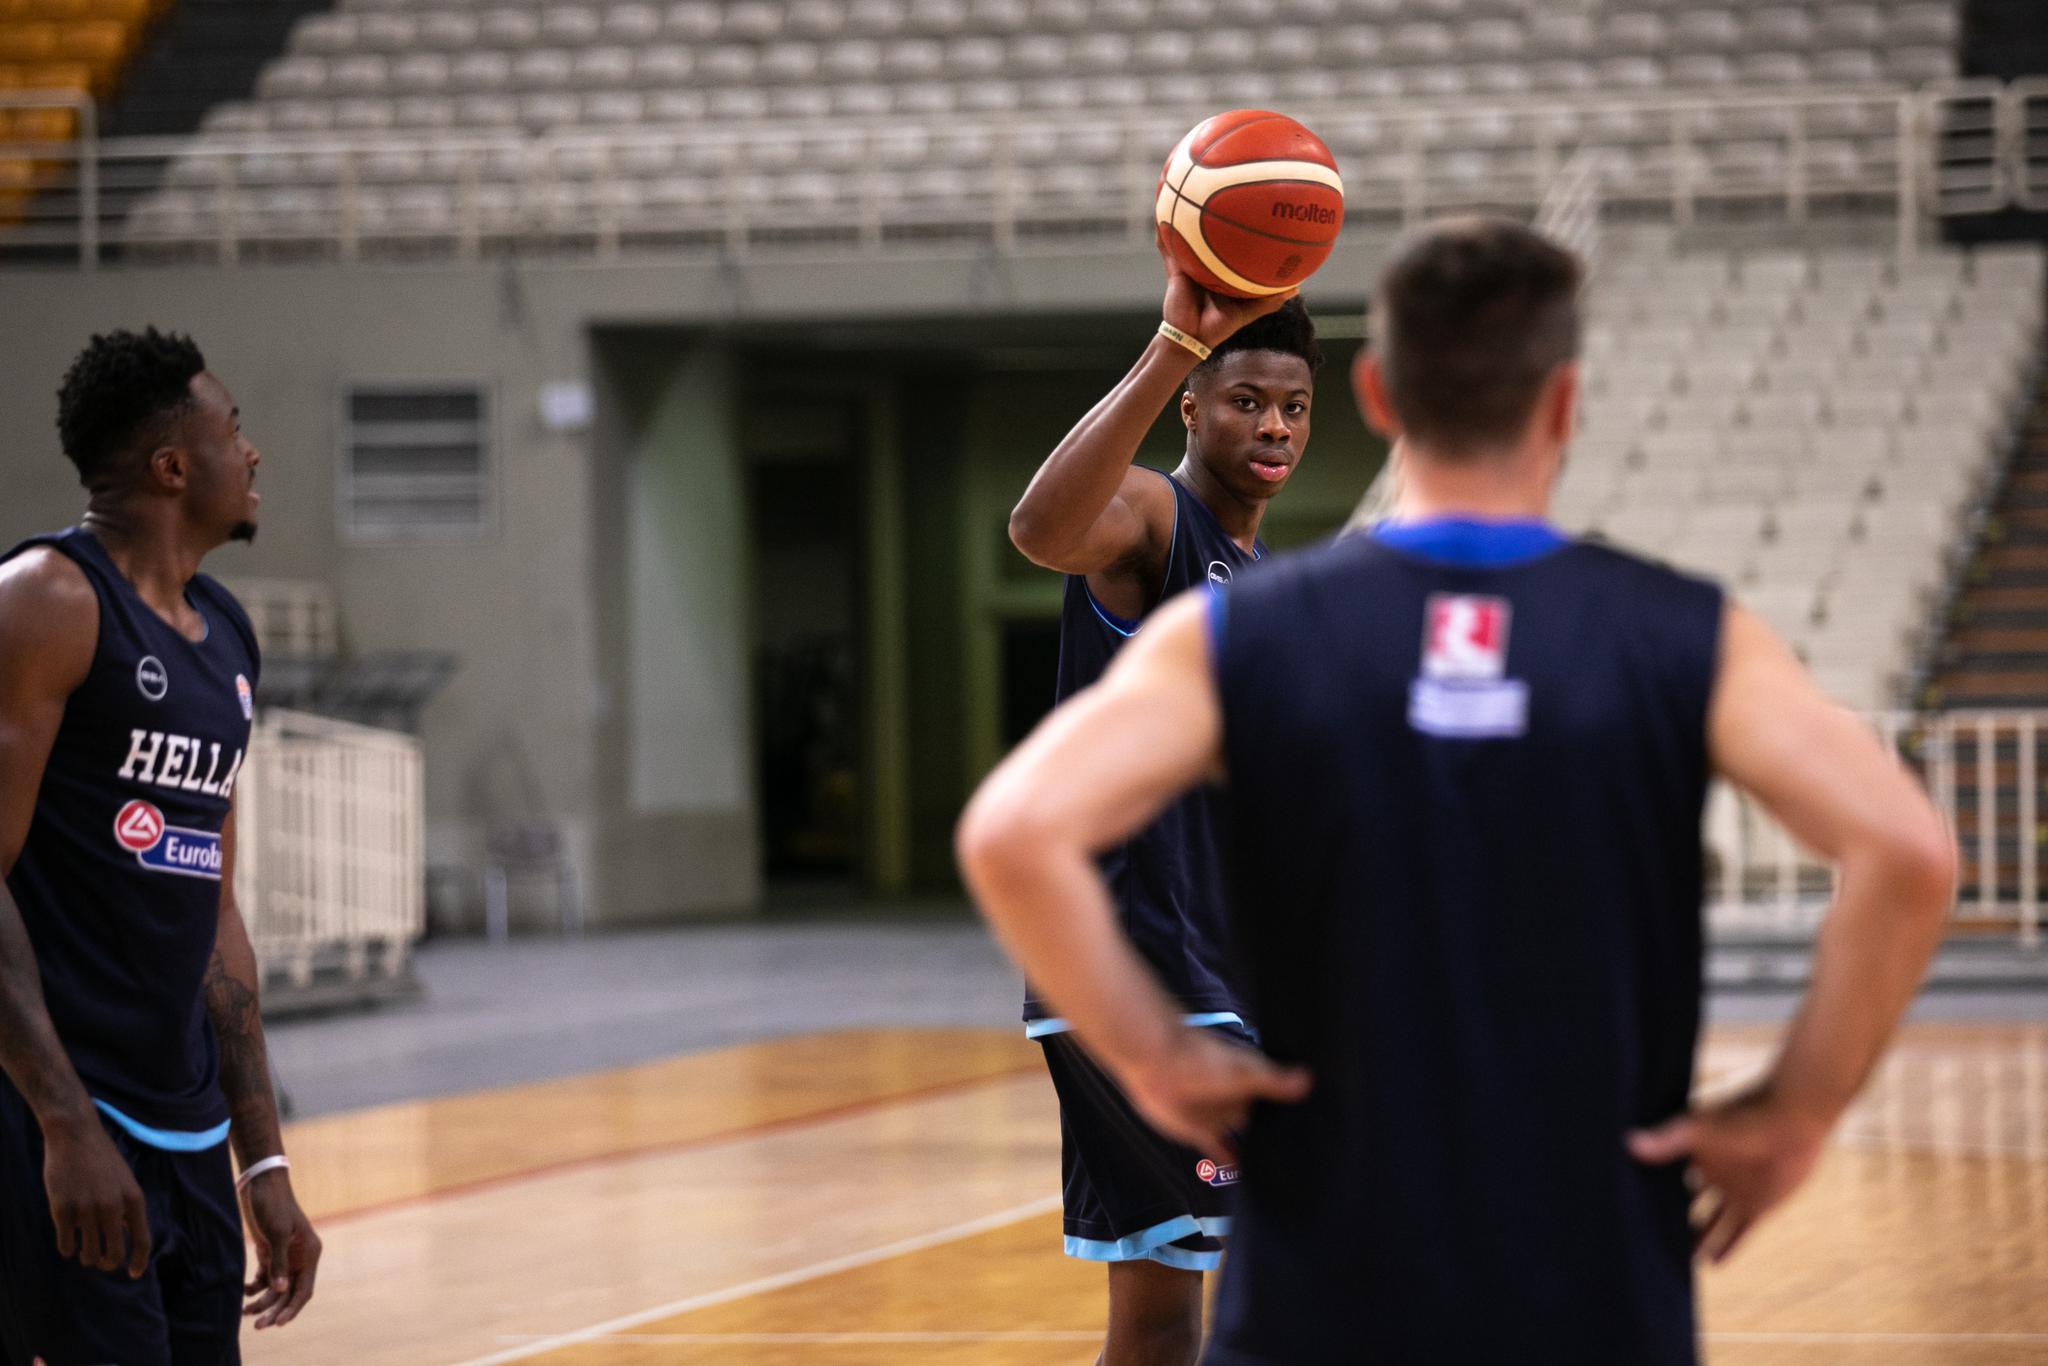 篮球希腊男篮备战集训世界杯的北郊高中图片